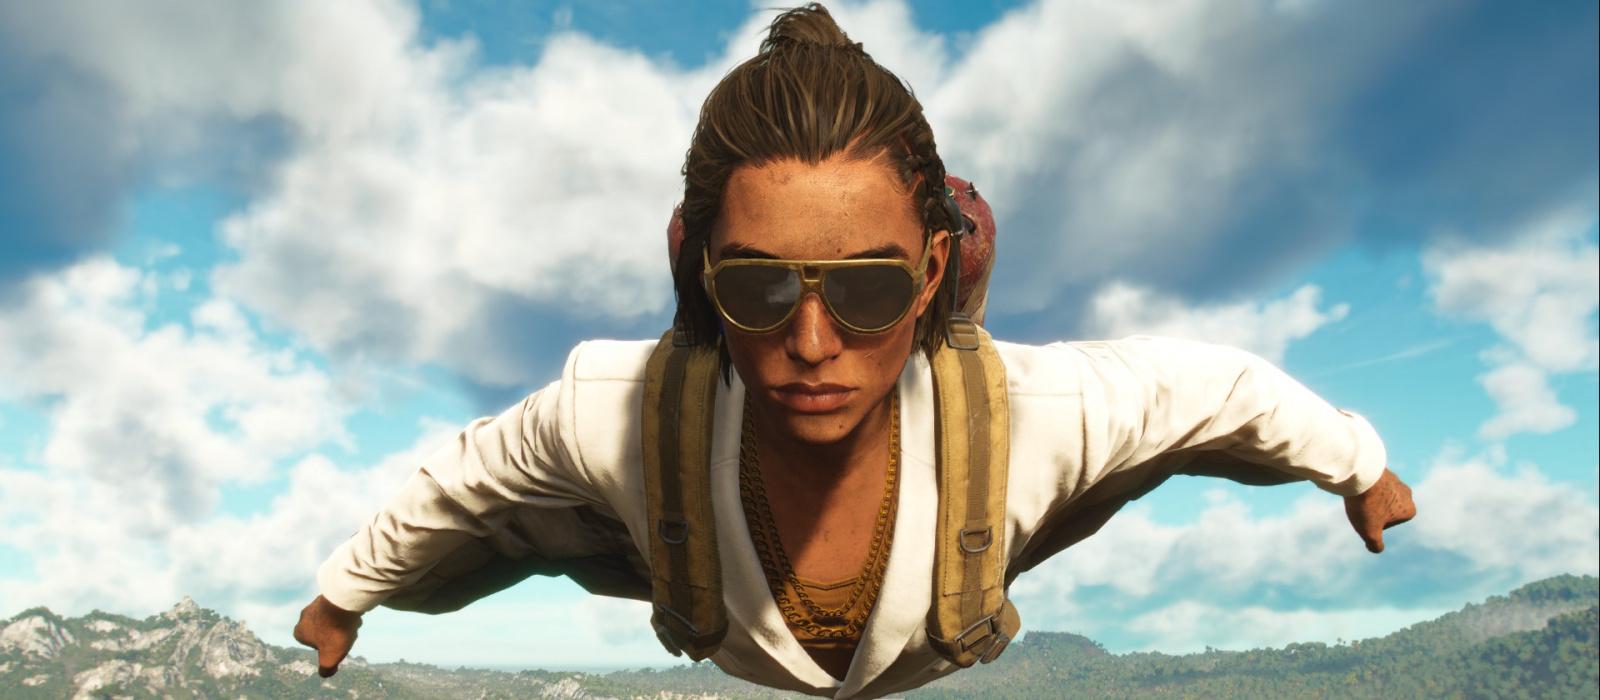 Как получить костюм-крыло (вингсьют) в Far Cry 6.